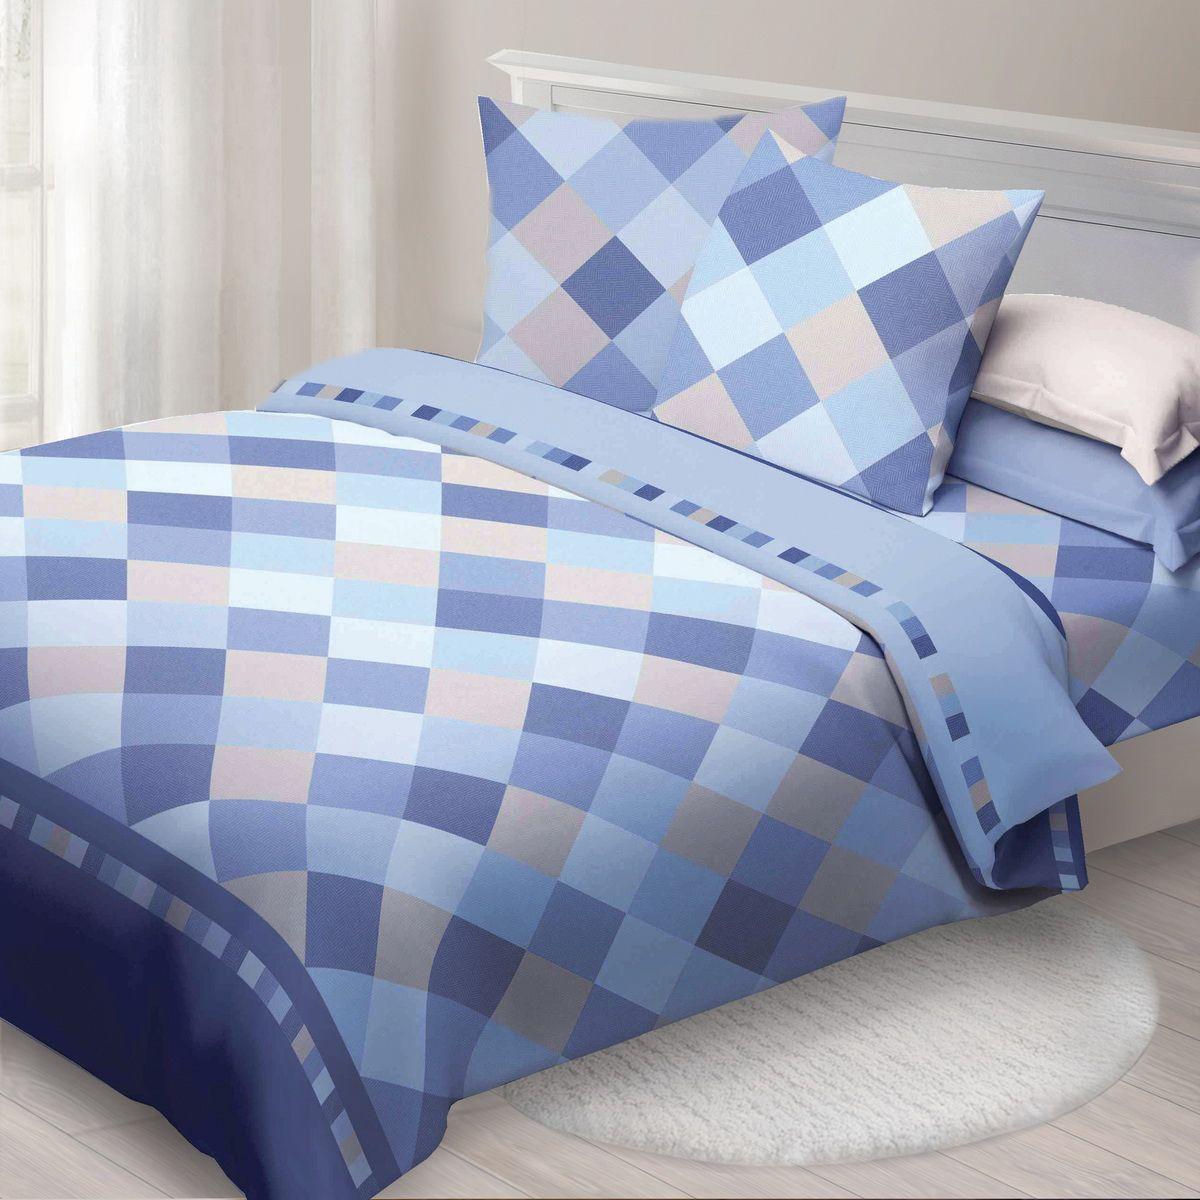 Комплект белья Спал Спалыч Твил, cемейный, наволочки 70х70 комплекты постельного белья mioletto постельное белье faith 1 5 спал